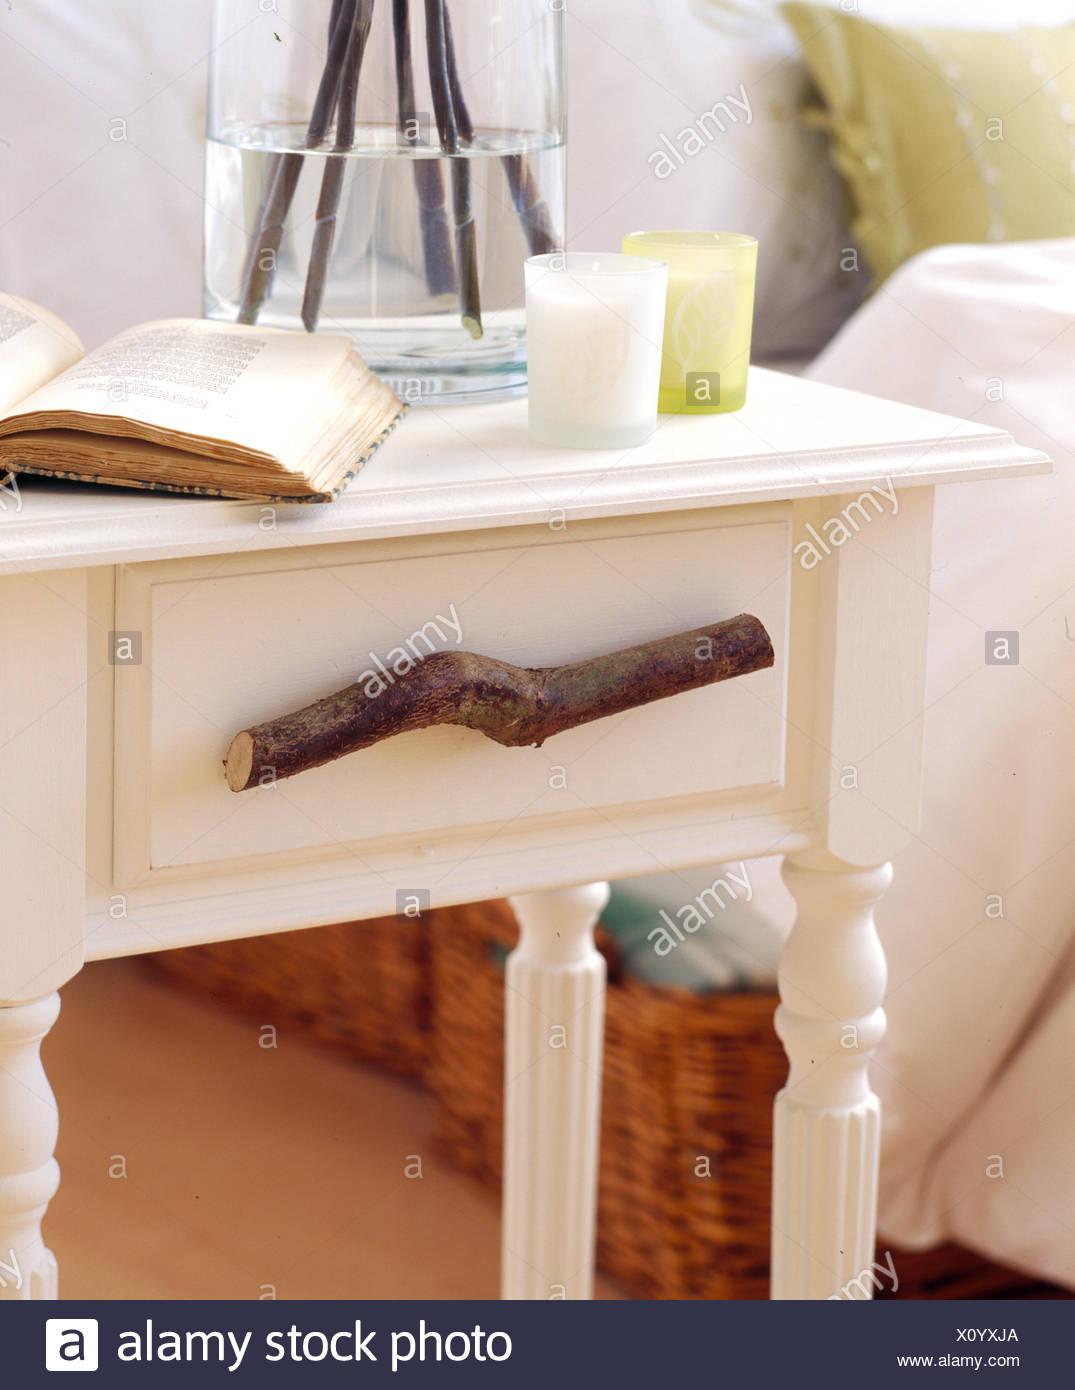 de branche tiroir table de poignée fait de Libre chevet de 7vb6yIgfY